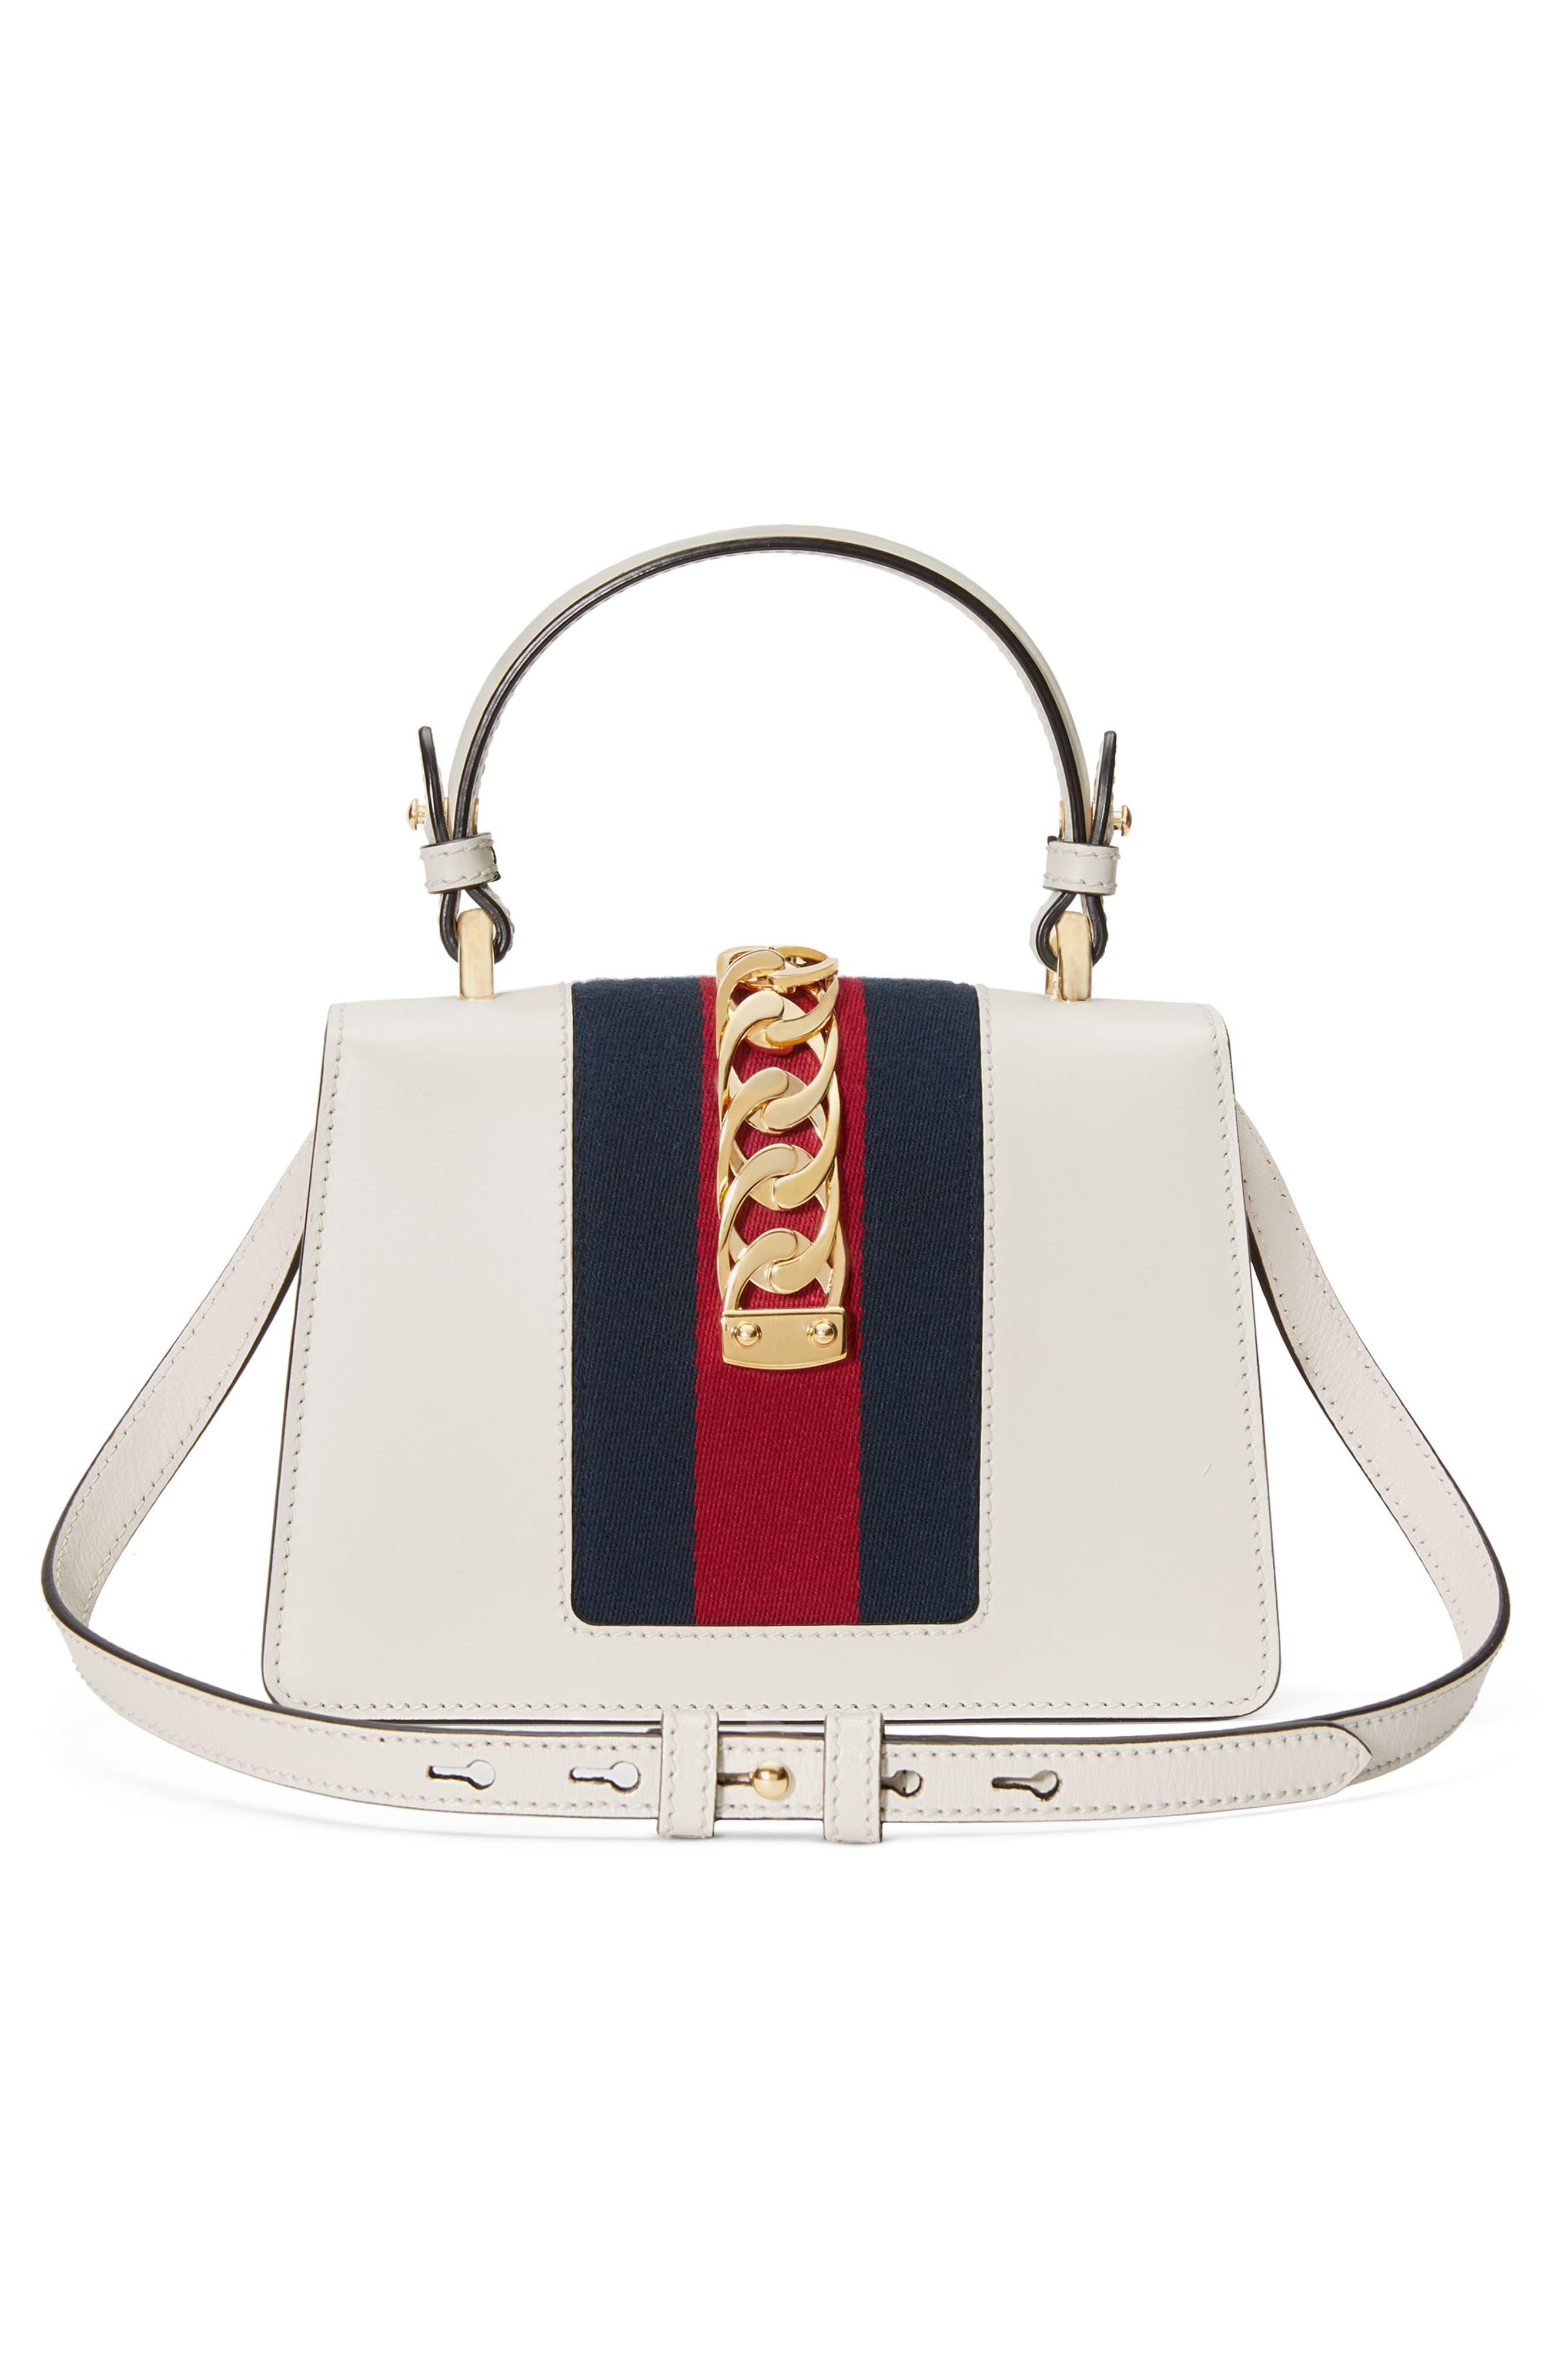 GUCCI, Mini Sylvie Top Handle Leather Shoulder Bag, Alternate thumbnail 2, color, MYSTIC WHITE